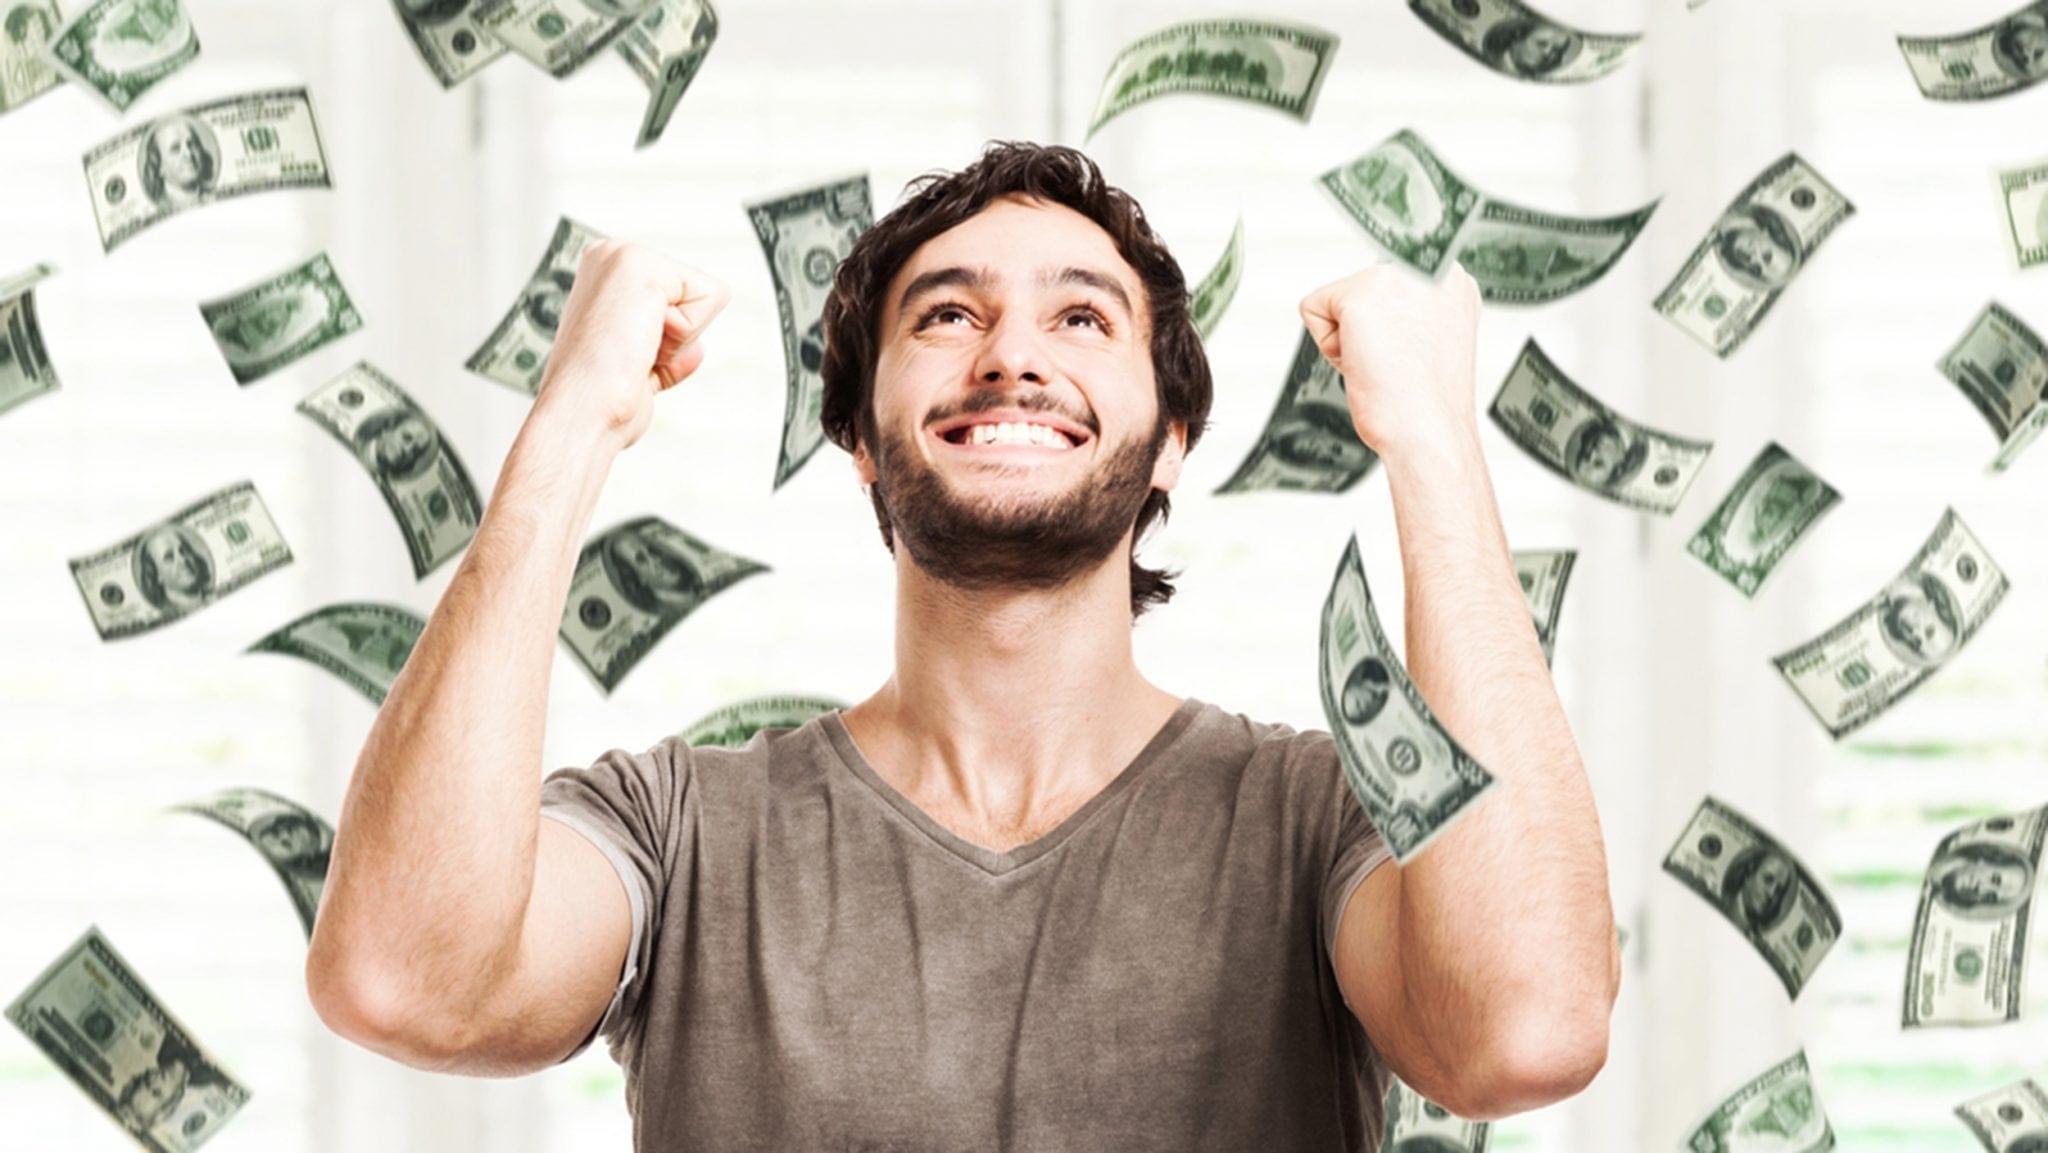 estratégia para ganhar dinheiro na internet em 2017